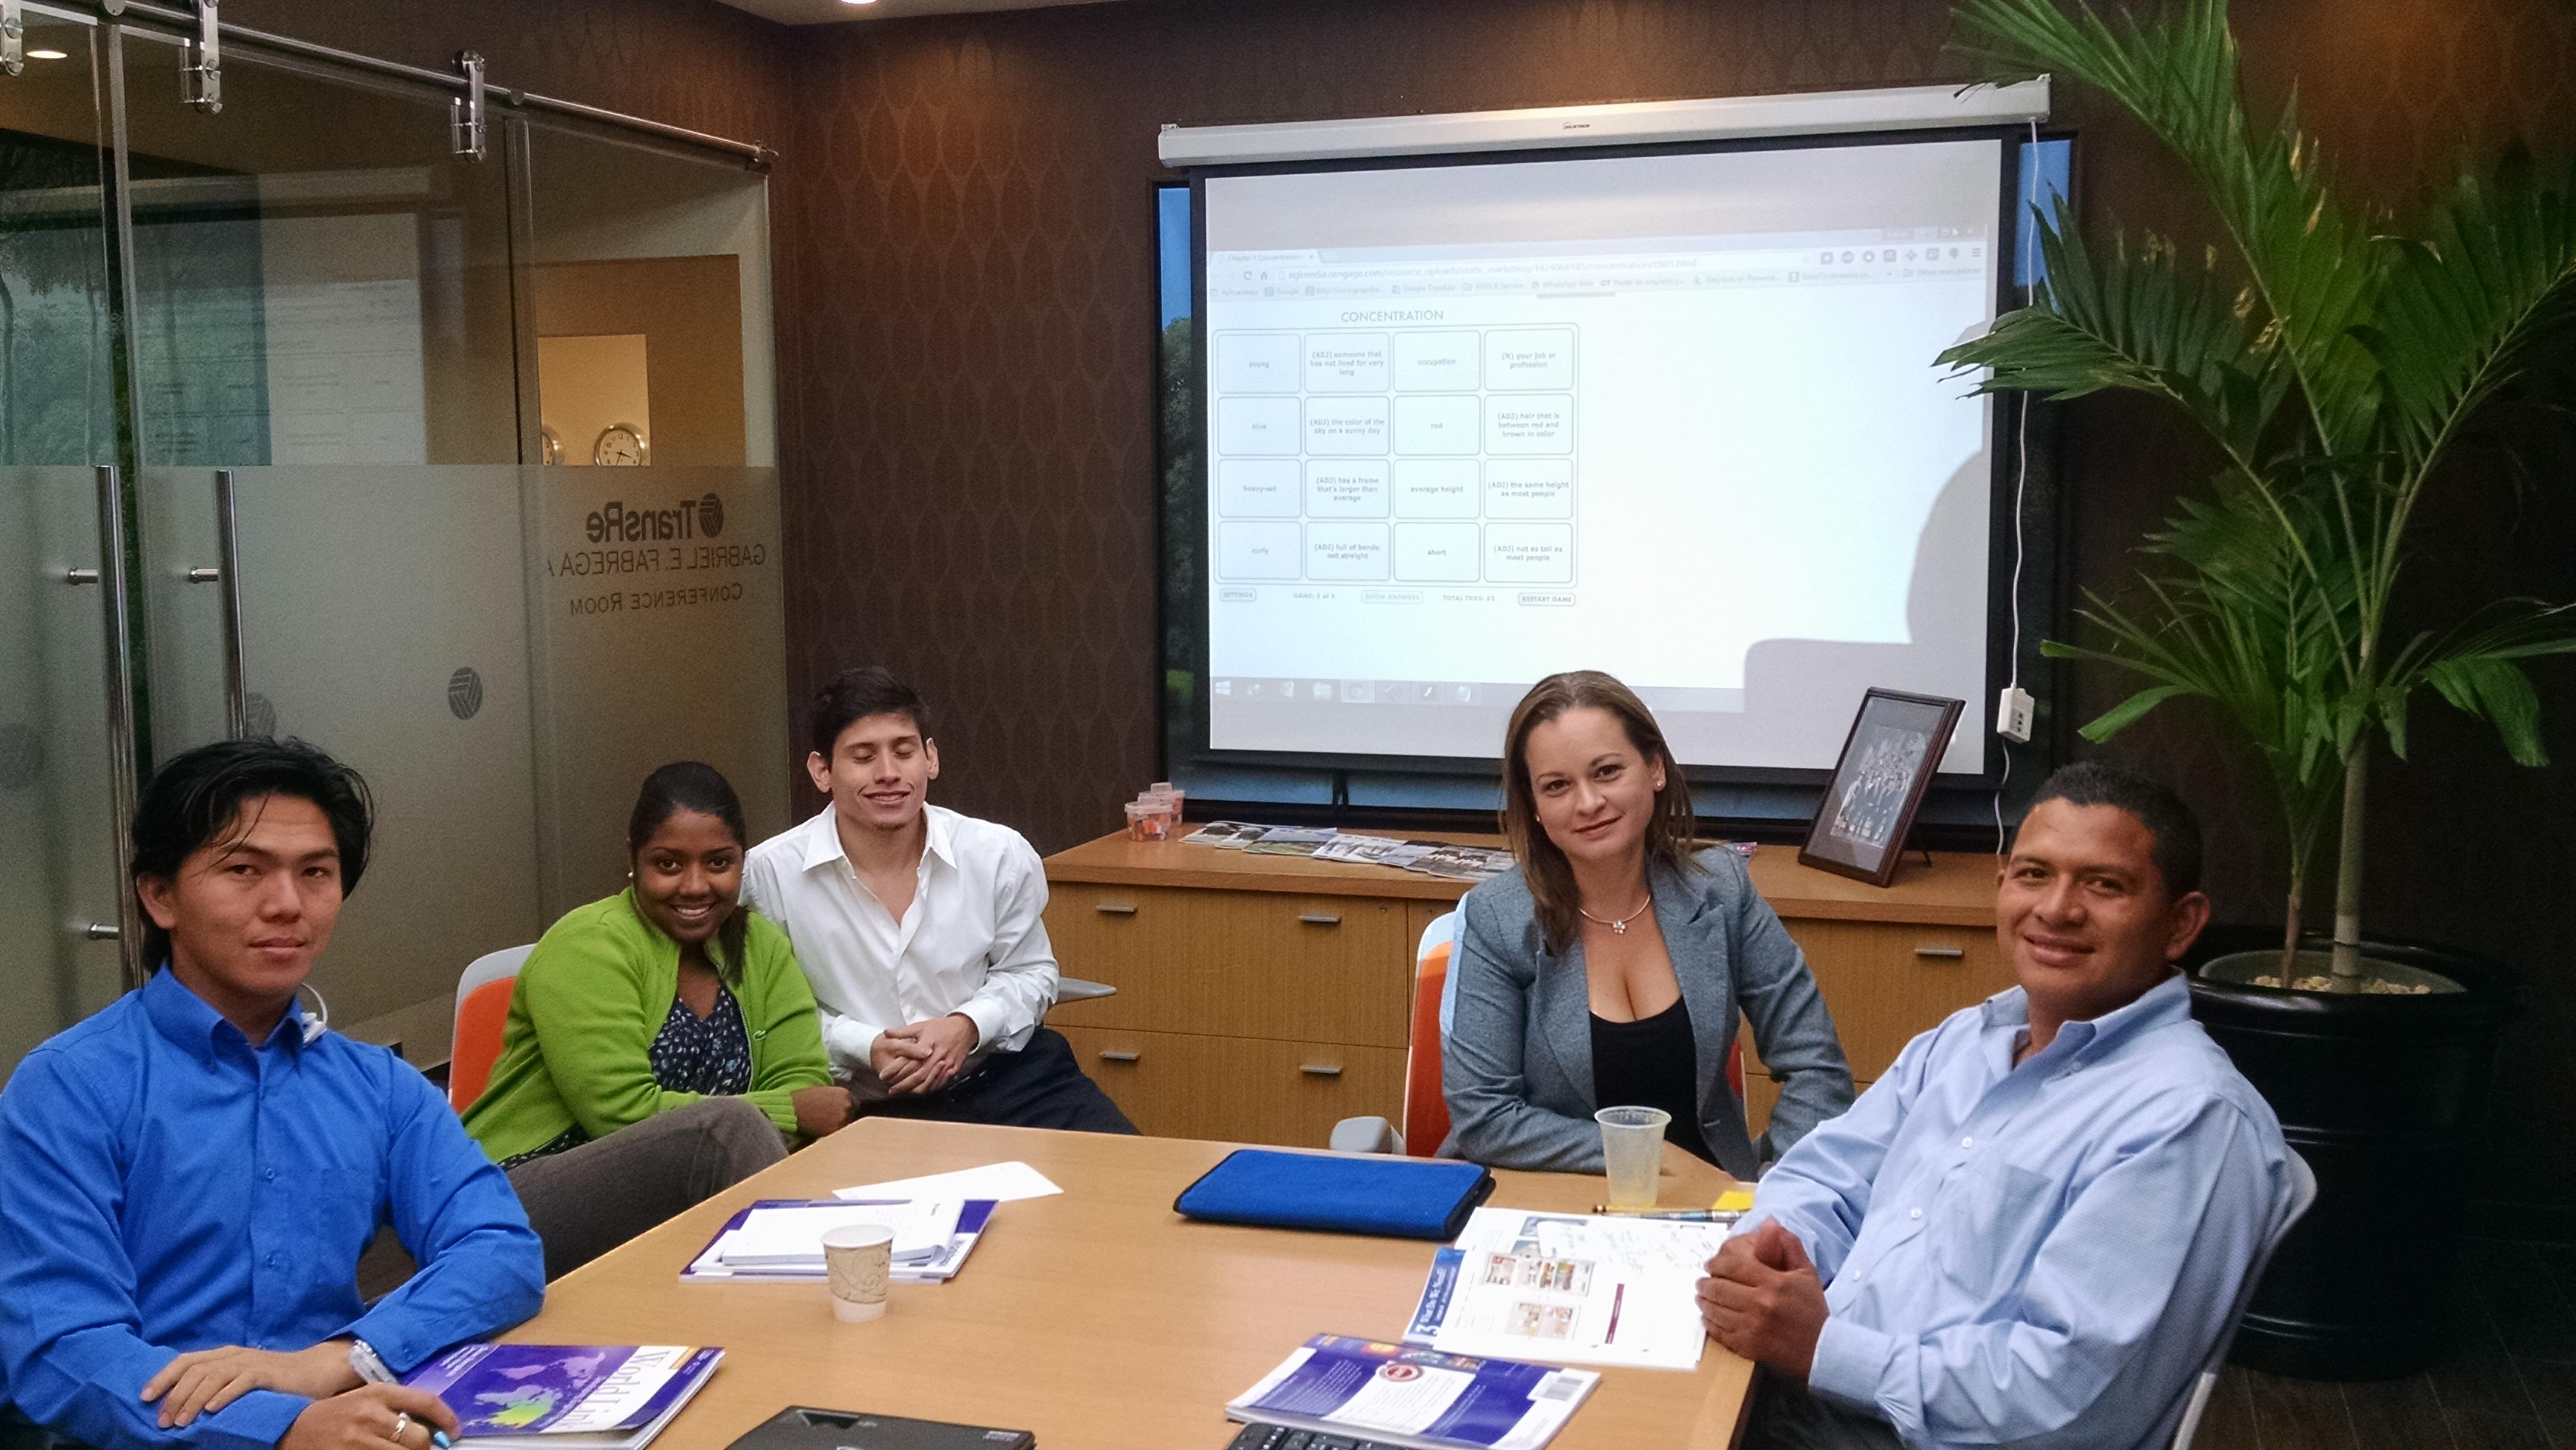 Cursos de inglés en su oficina y clases de inglés en SpanishPanama, Via Argentina, El Cangrejo, Panama www.cursosdeinglespanama.com.pa